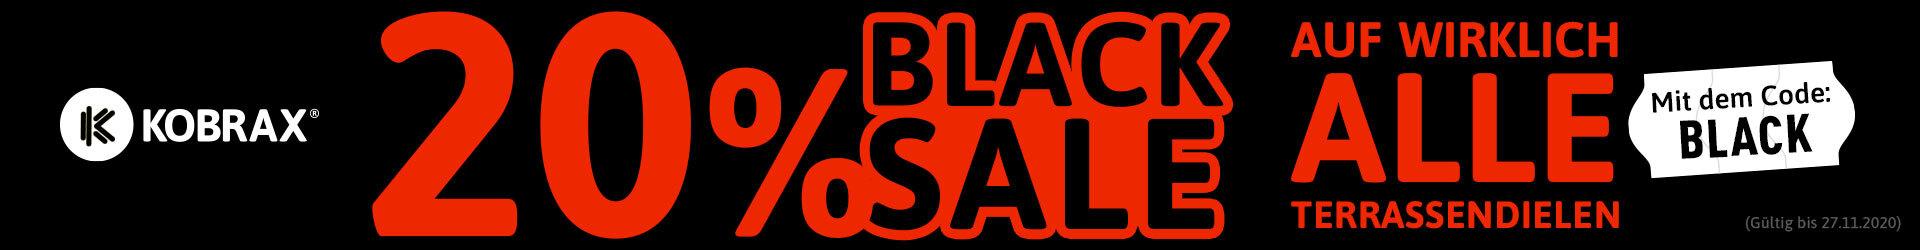 2020neu angebot Startseite black sale - Home